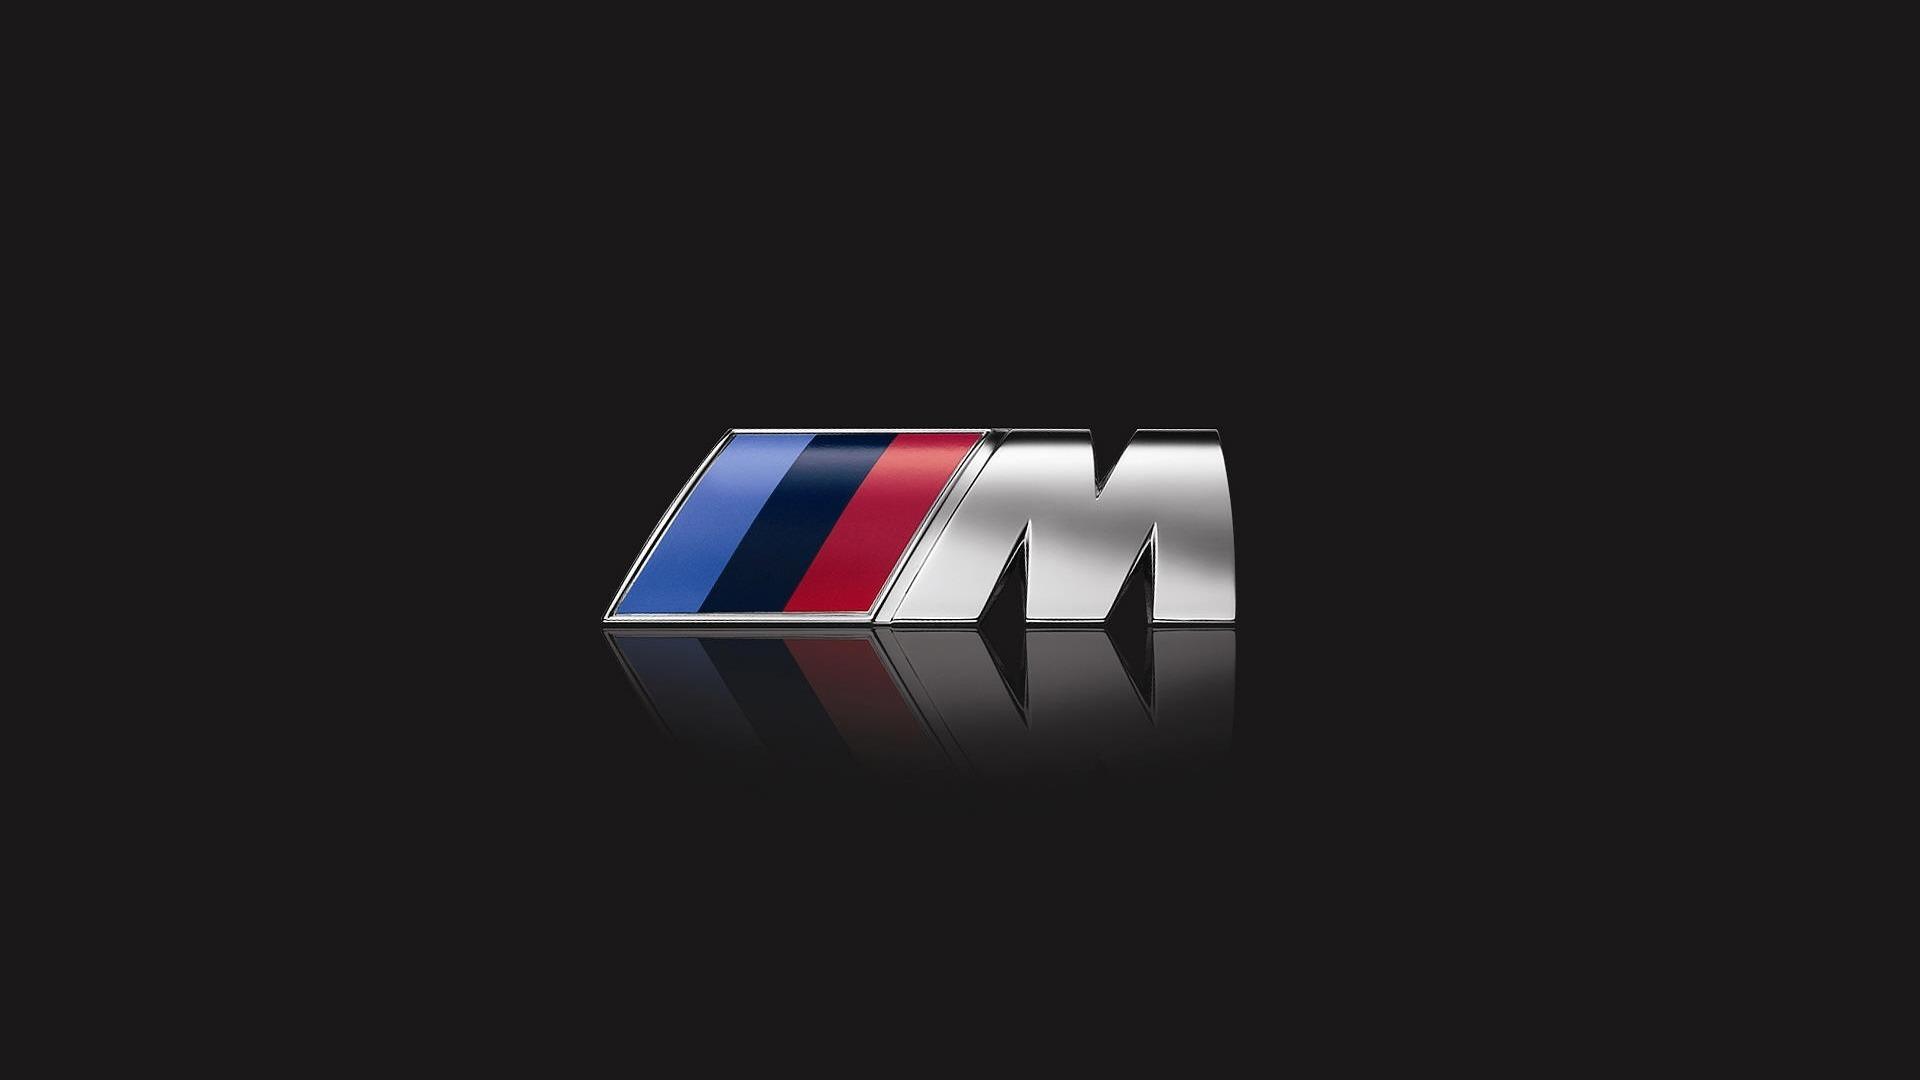 Bilder Das Logo BMW Hintergrund m 1920x1080 Hintergrundbilder 1920x1080